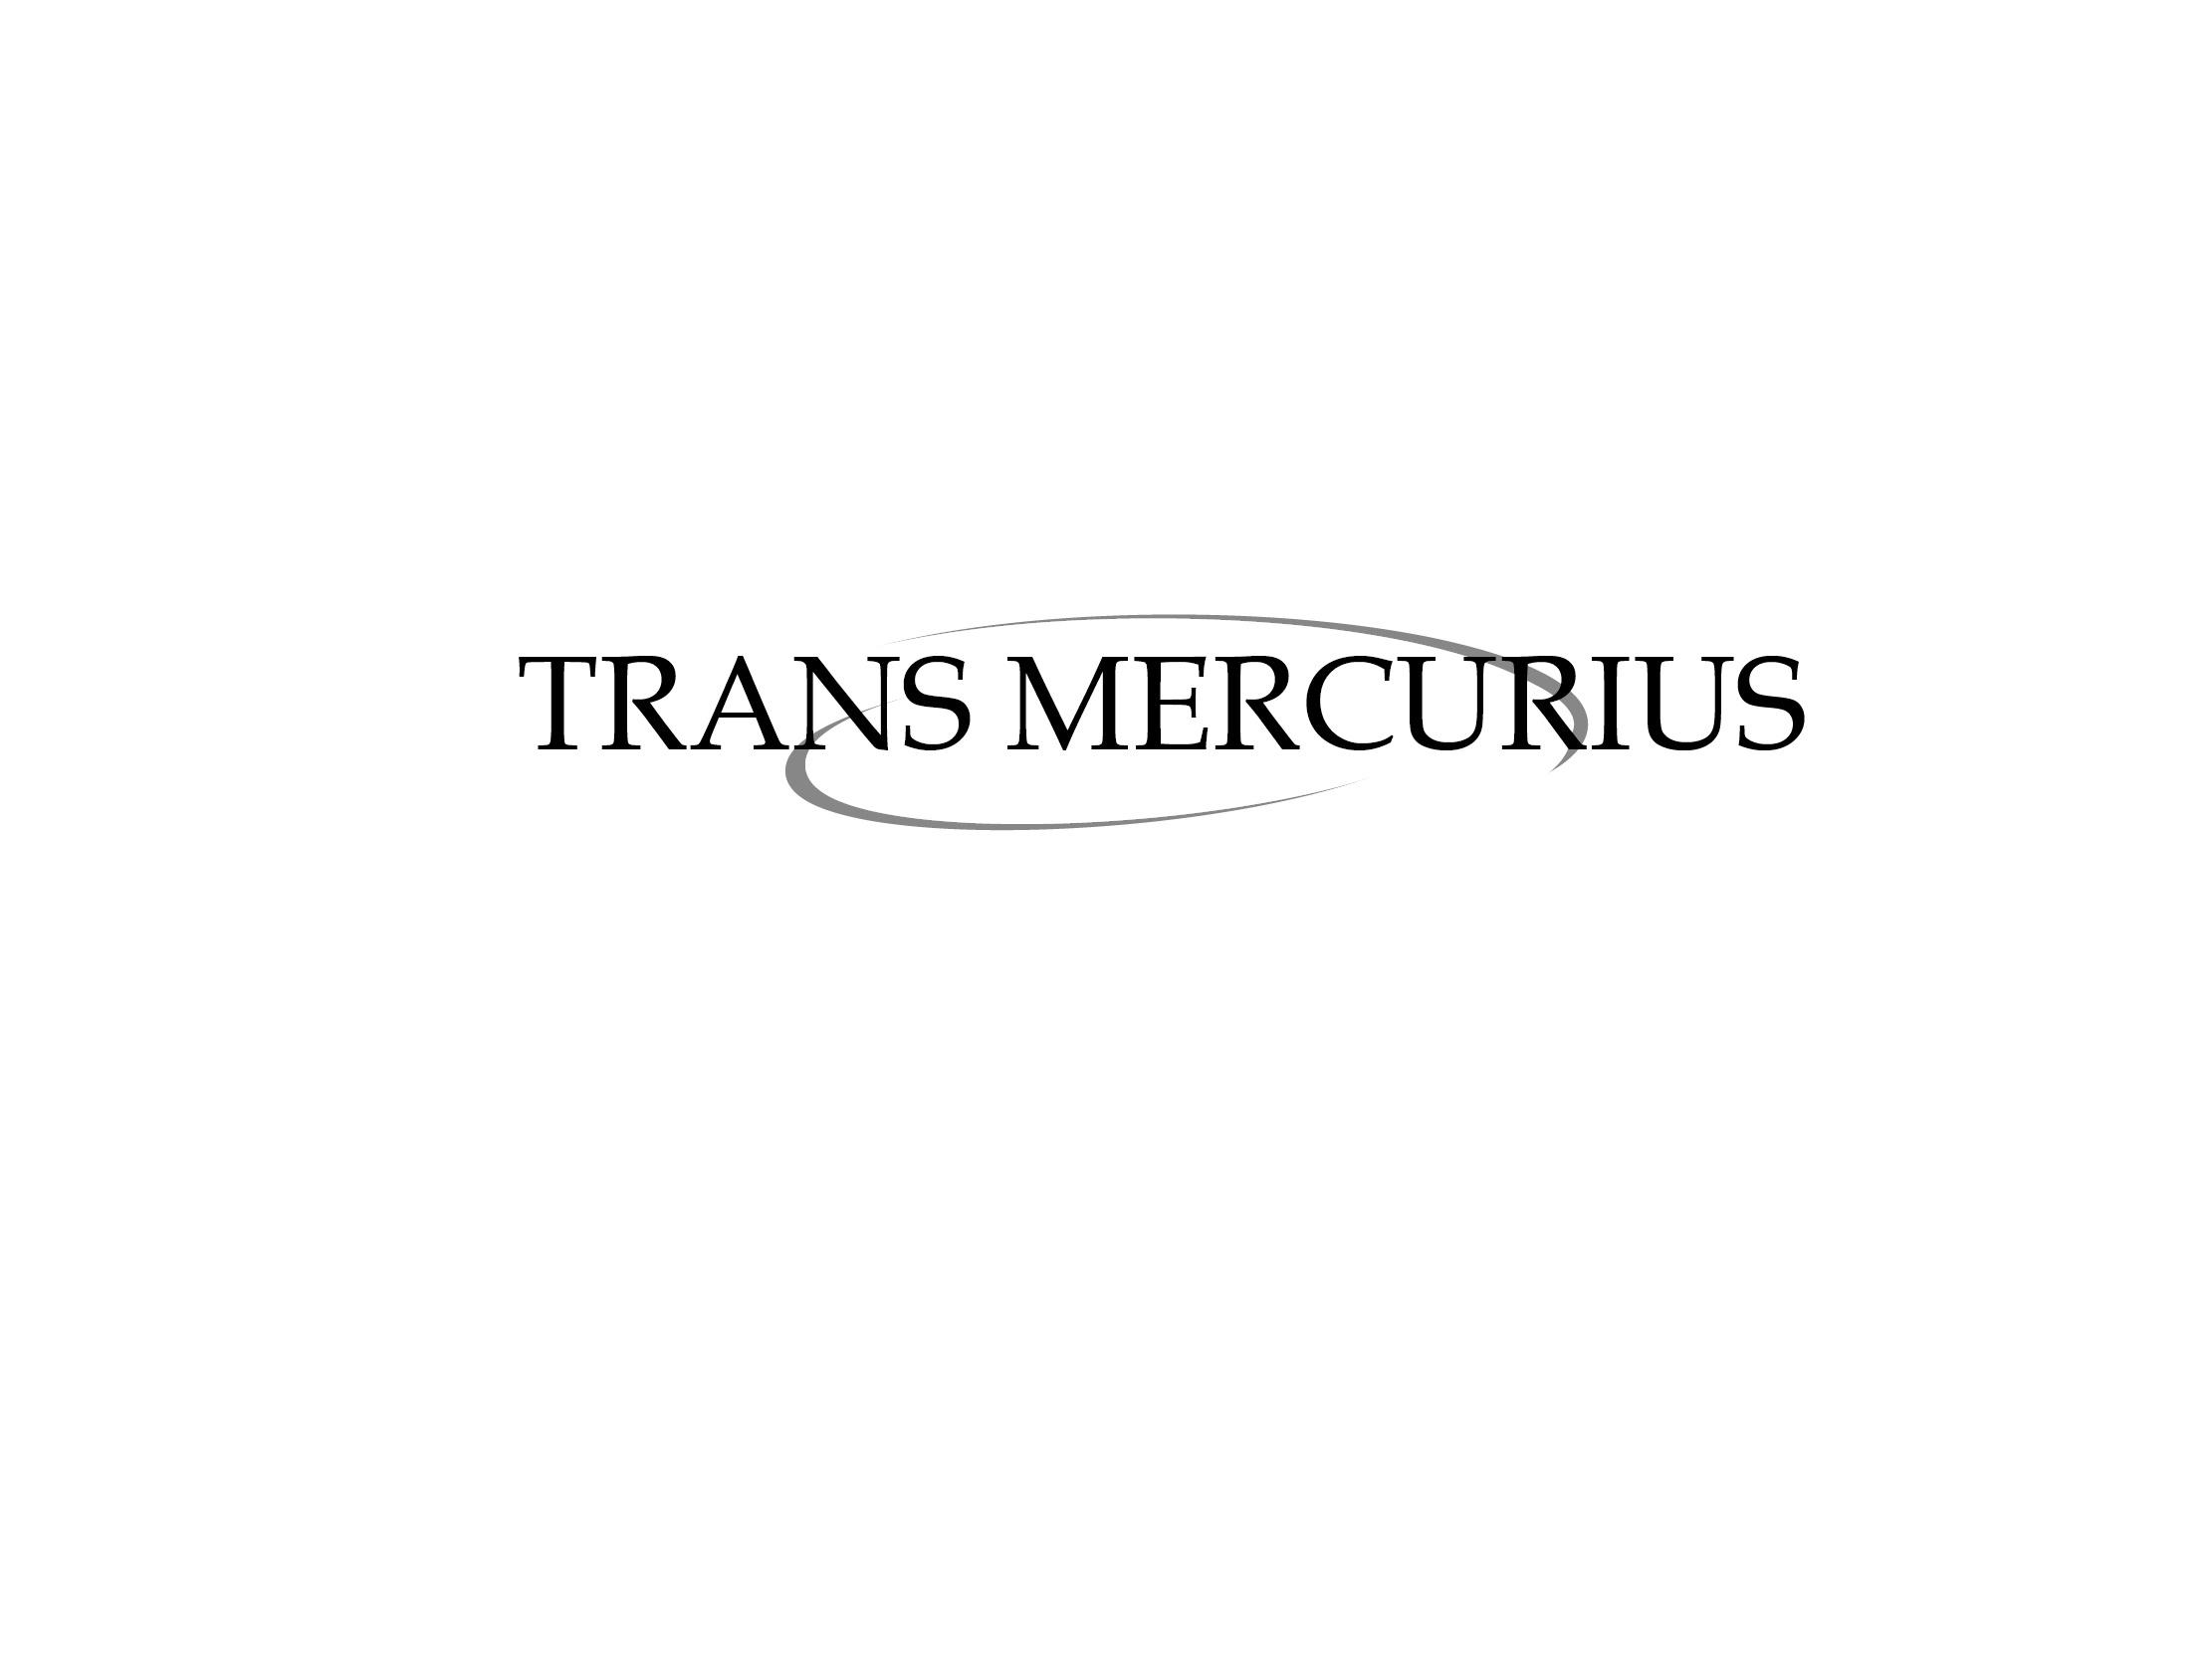 TRANS-MERCURIUS